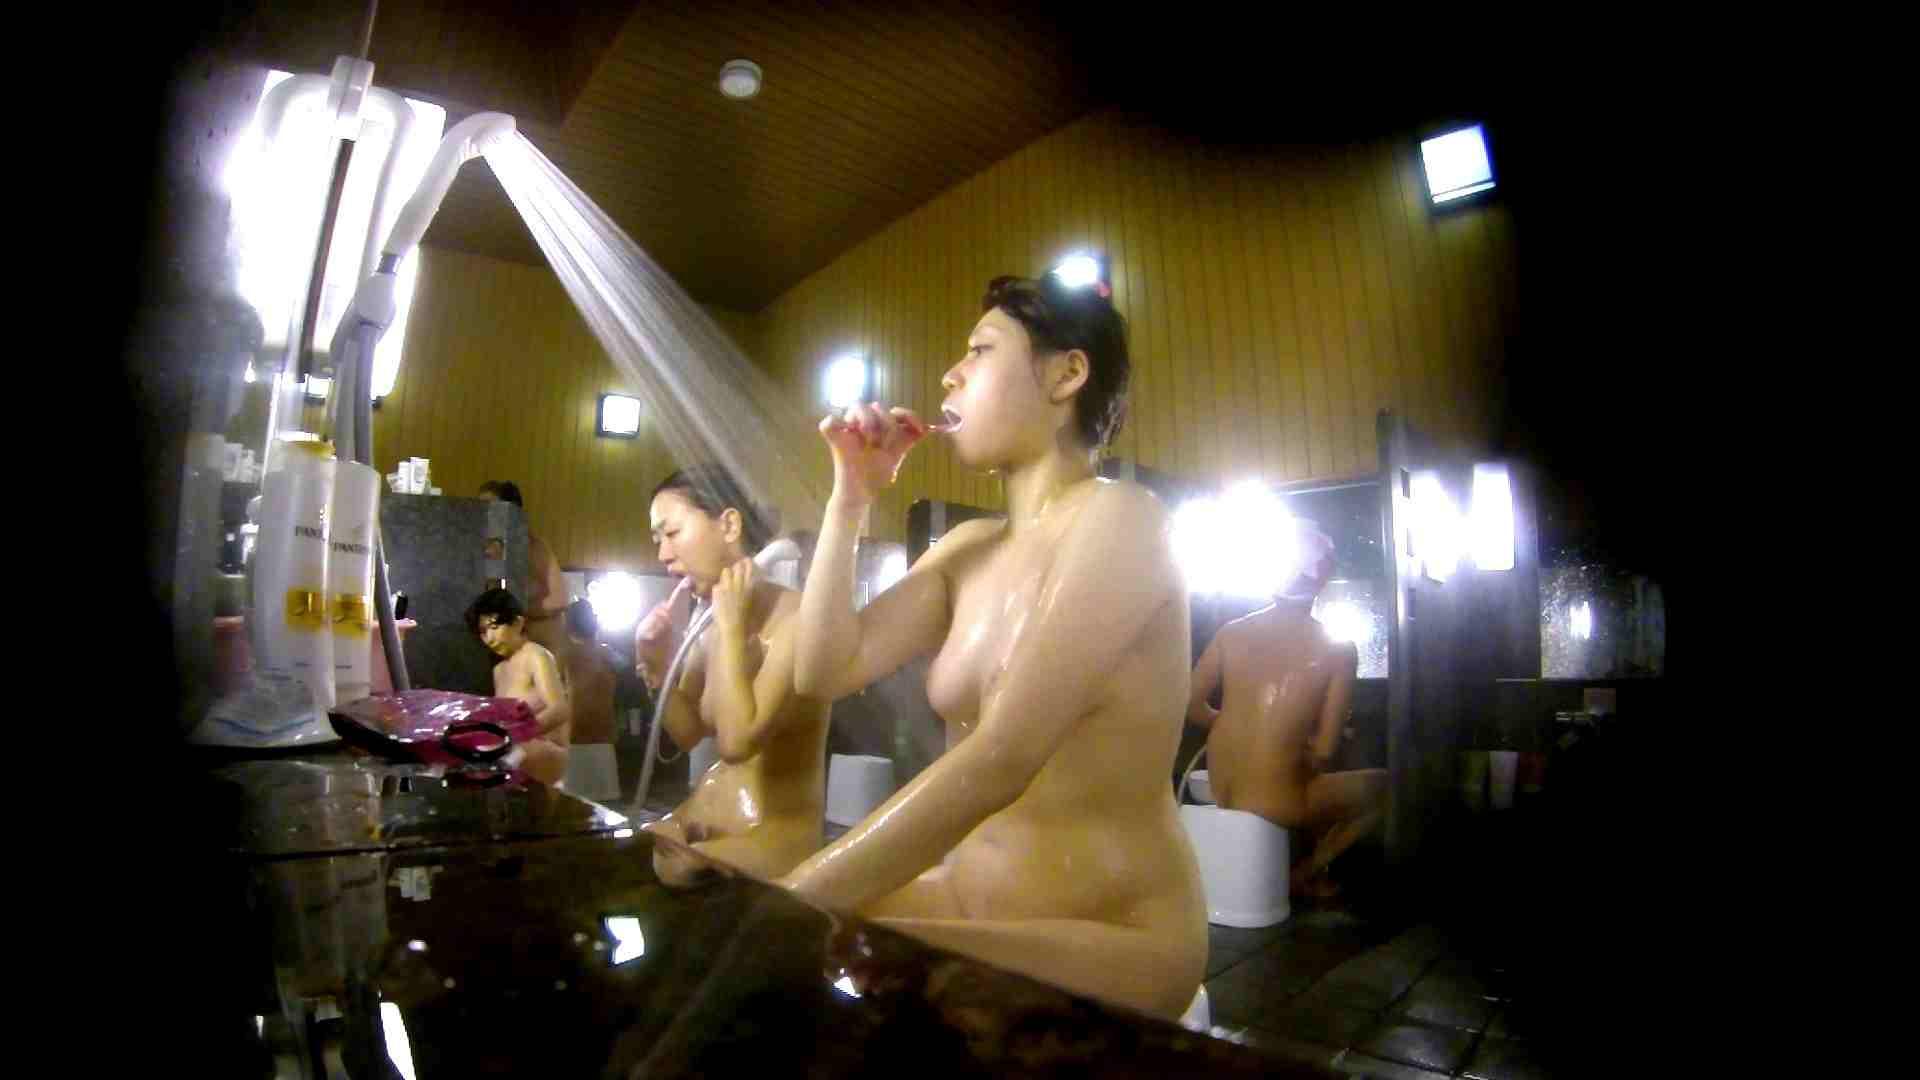 洗い場!柔らかそうな身体は良いけど、歯磨きが下品です。 銭湯着替え AV無料動画キャプチャ 107画像 40